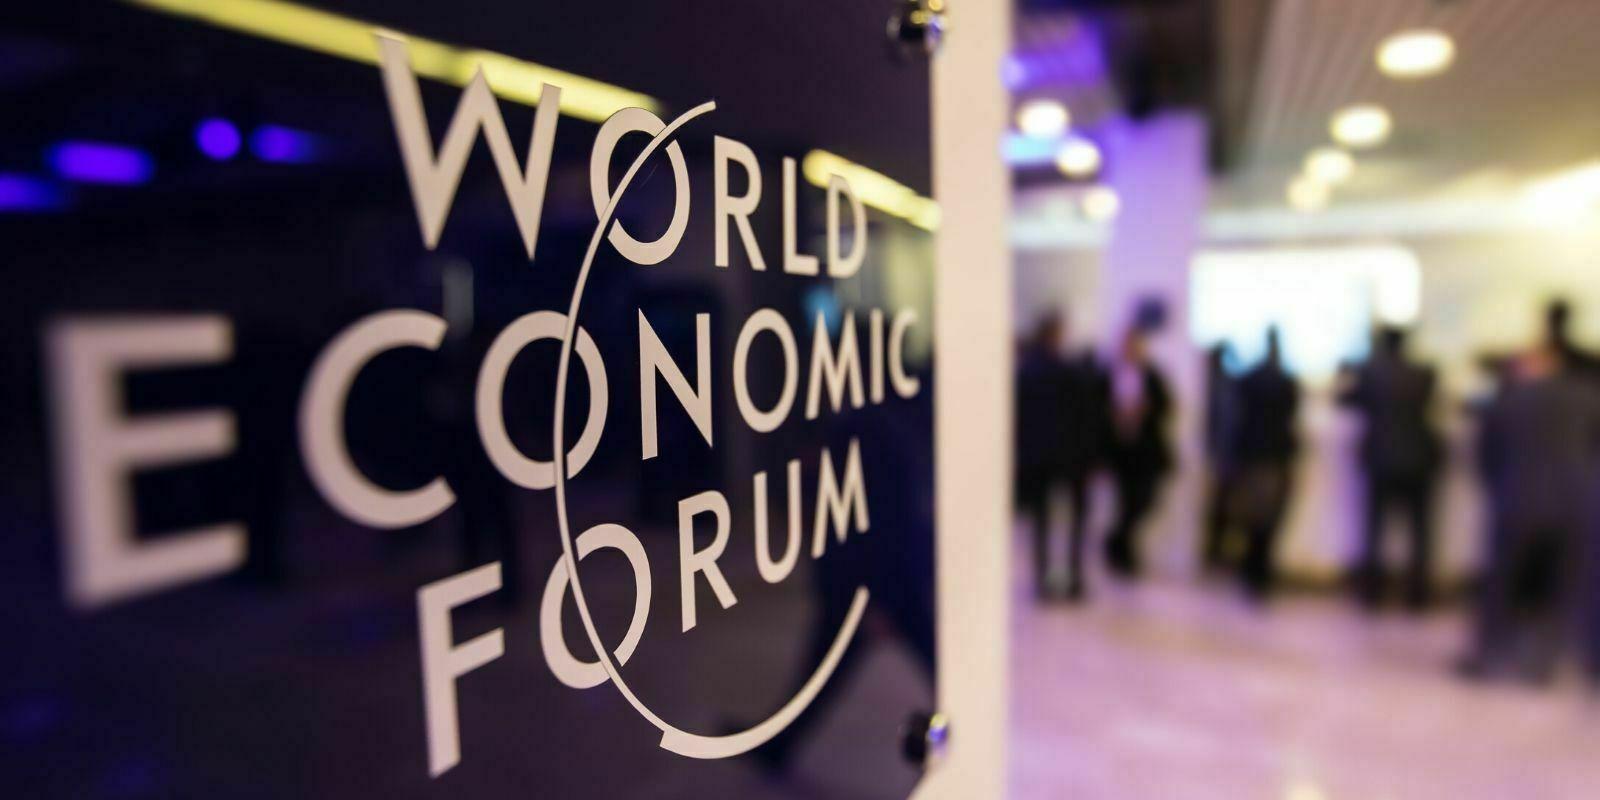 Chainlink reconnu comme « Pionnier Technologique » par le Forum économique mondial